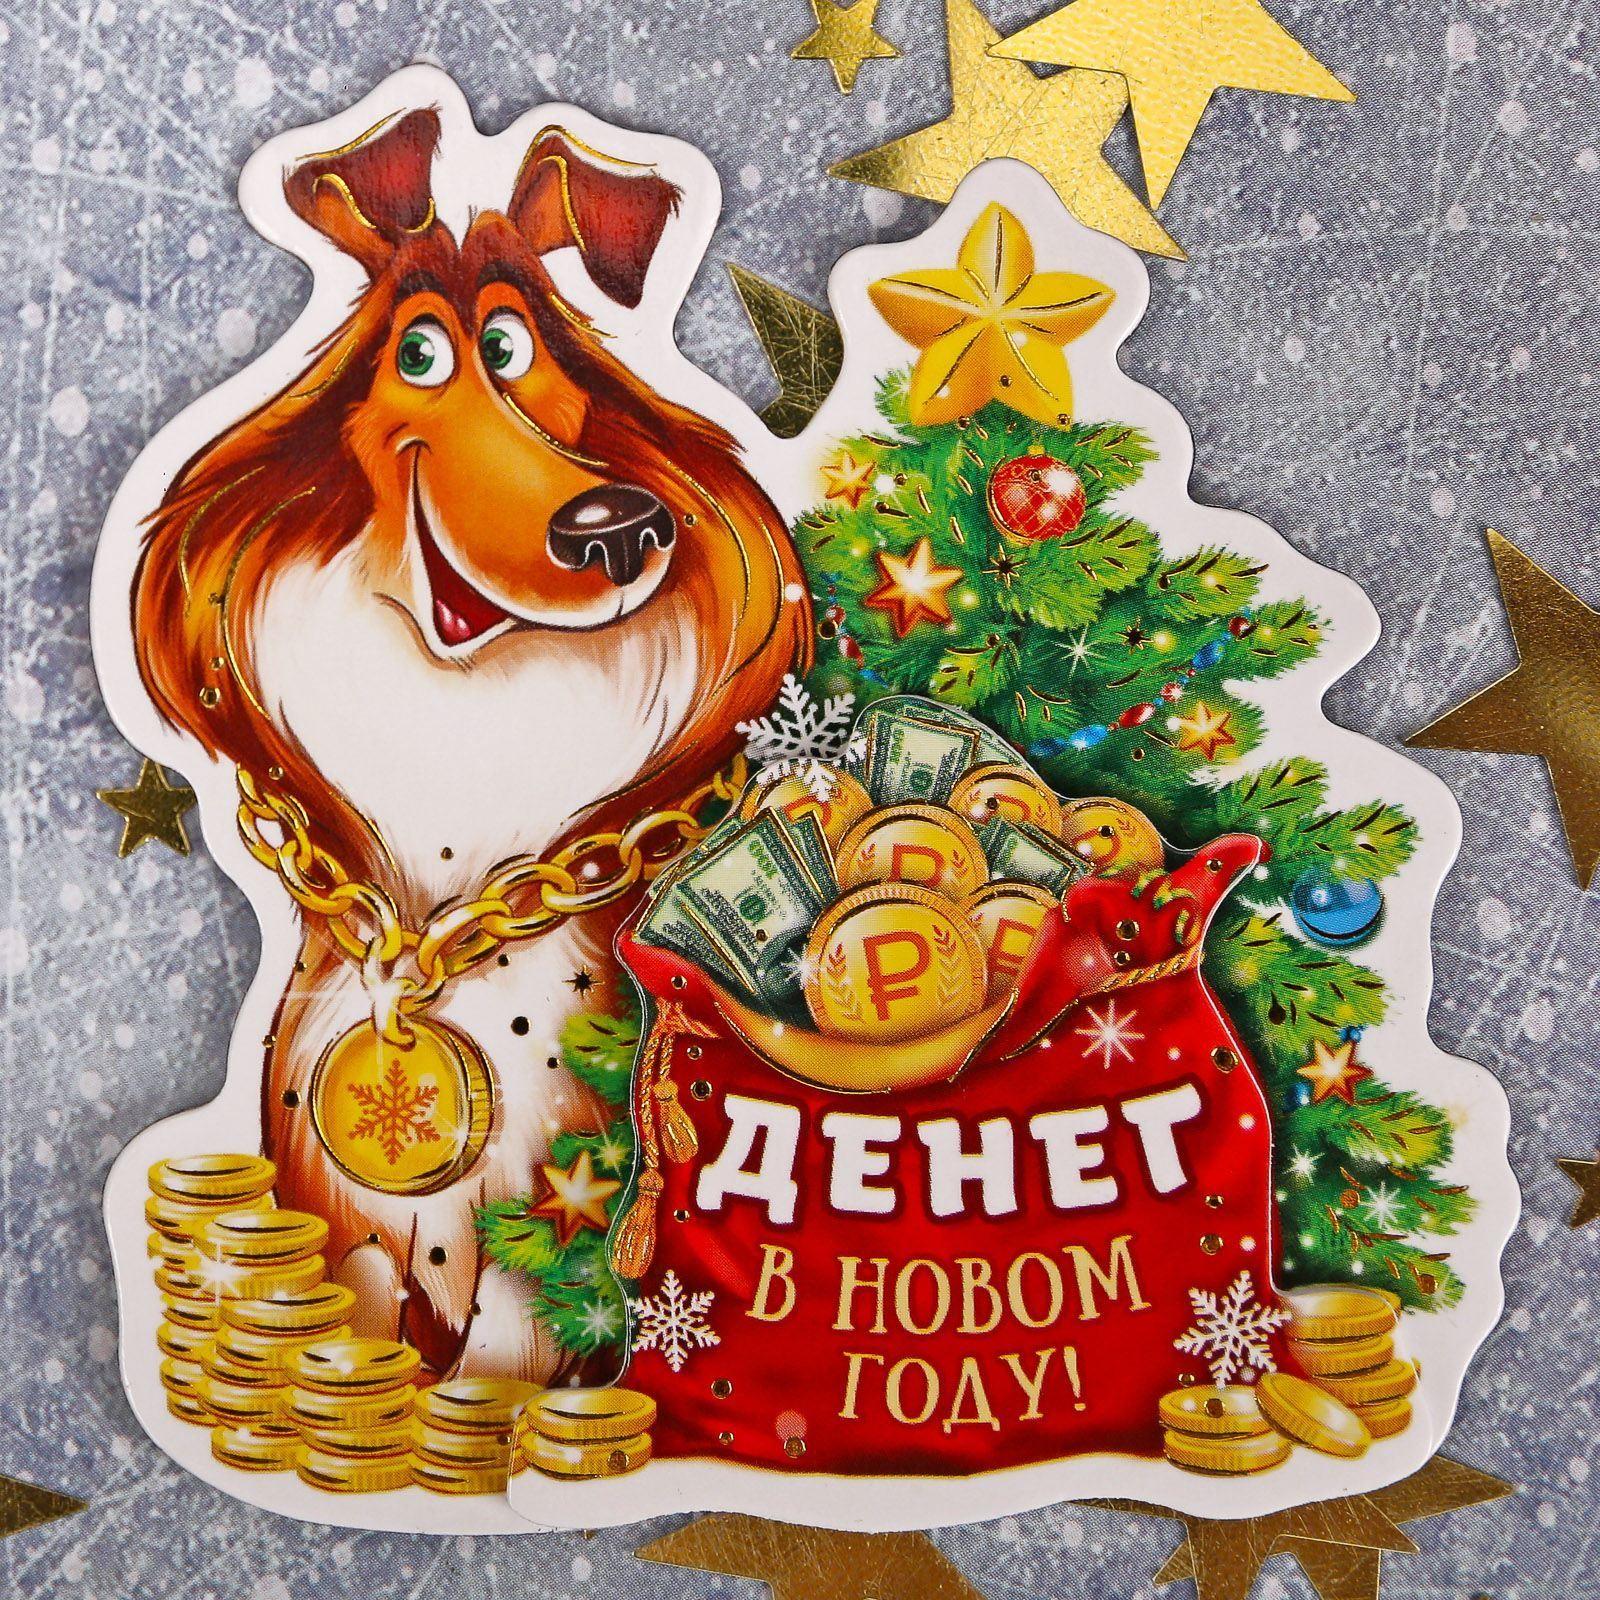 Магнит Sima-land Денег в Новом году, 7,2 х 7,4 см2252397Порадуйте родных и близких оригинальным сувениром: преподнесите в подарок магнит. С ним даже самый серьезный человек почувствует себя ребенком, ожидающим чудо! Прикрепите его к любой металлической поверхности, и он удержит на виду важные записки, любовные послания или просто список продуктов.Создайте праздничное настроение, и оно останется с вами на весь год.